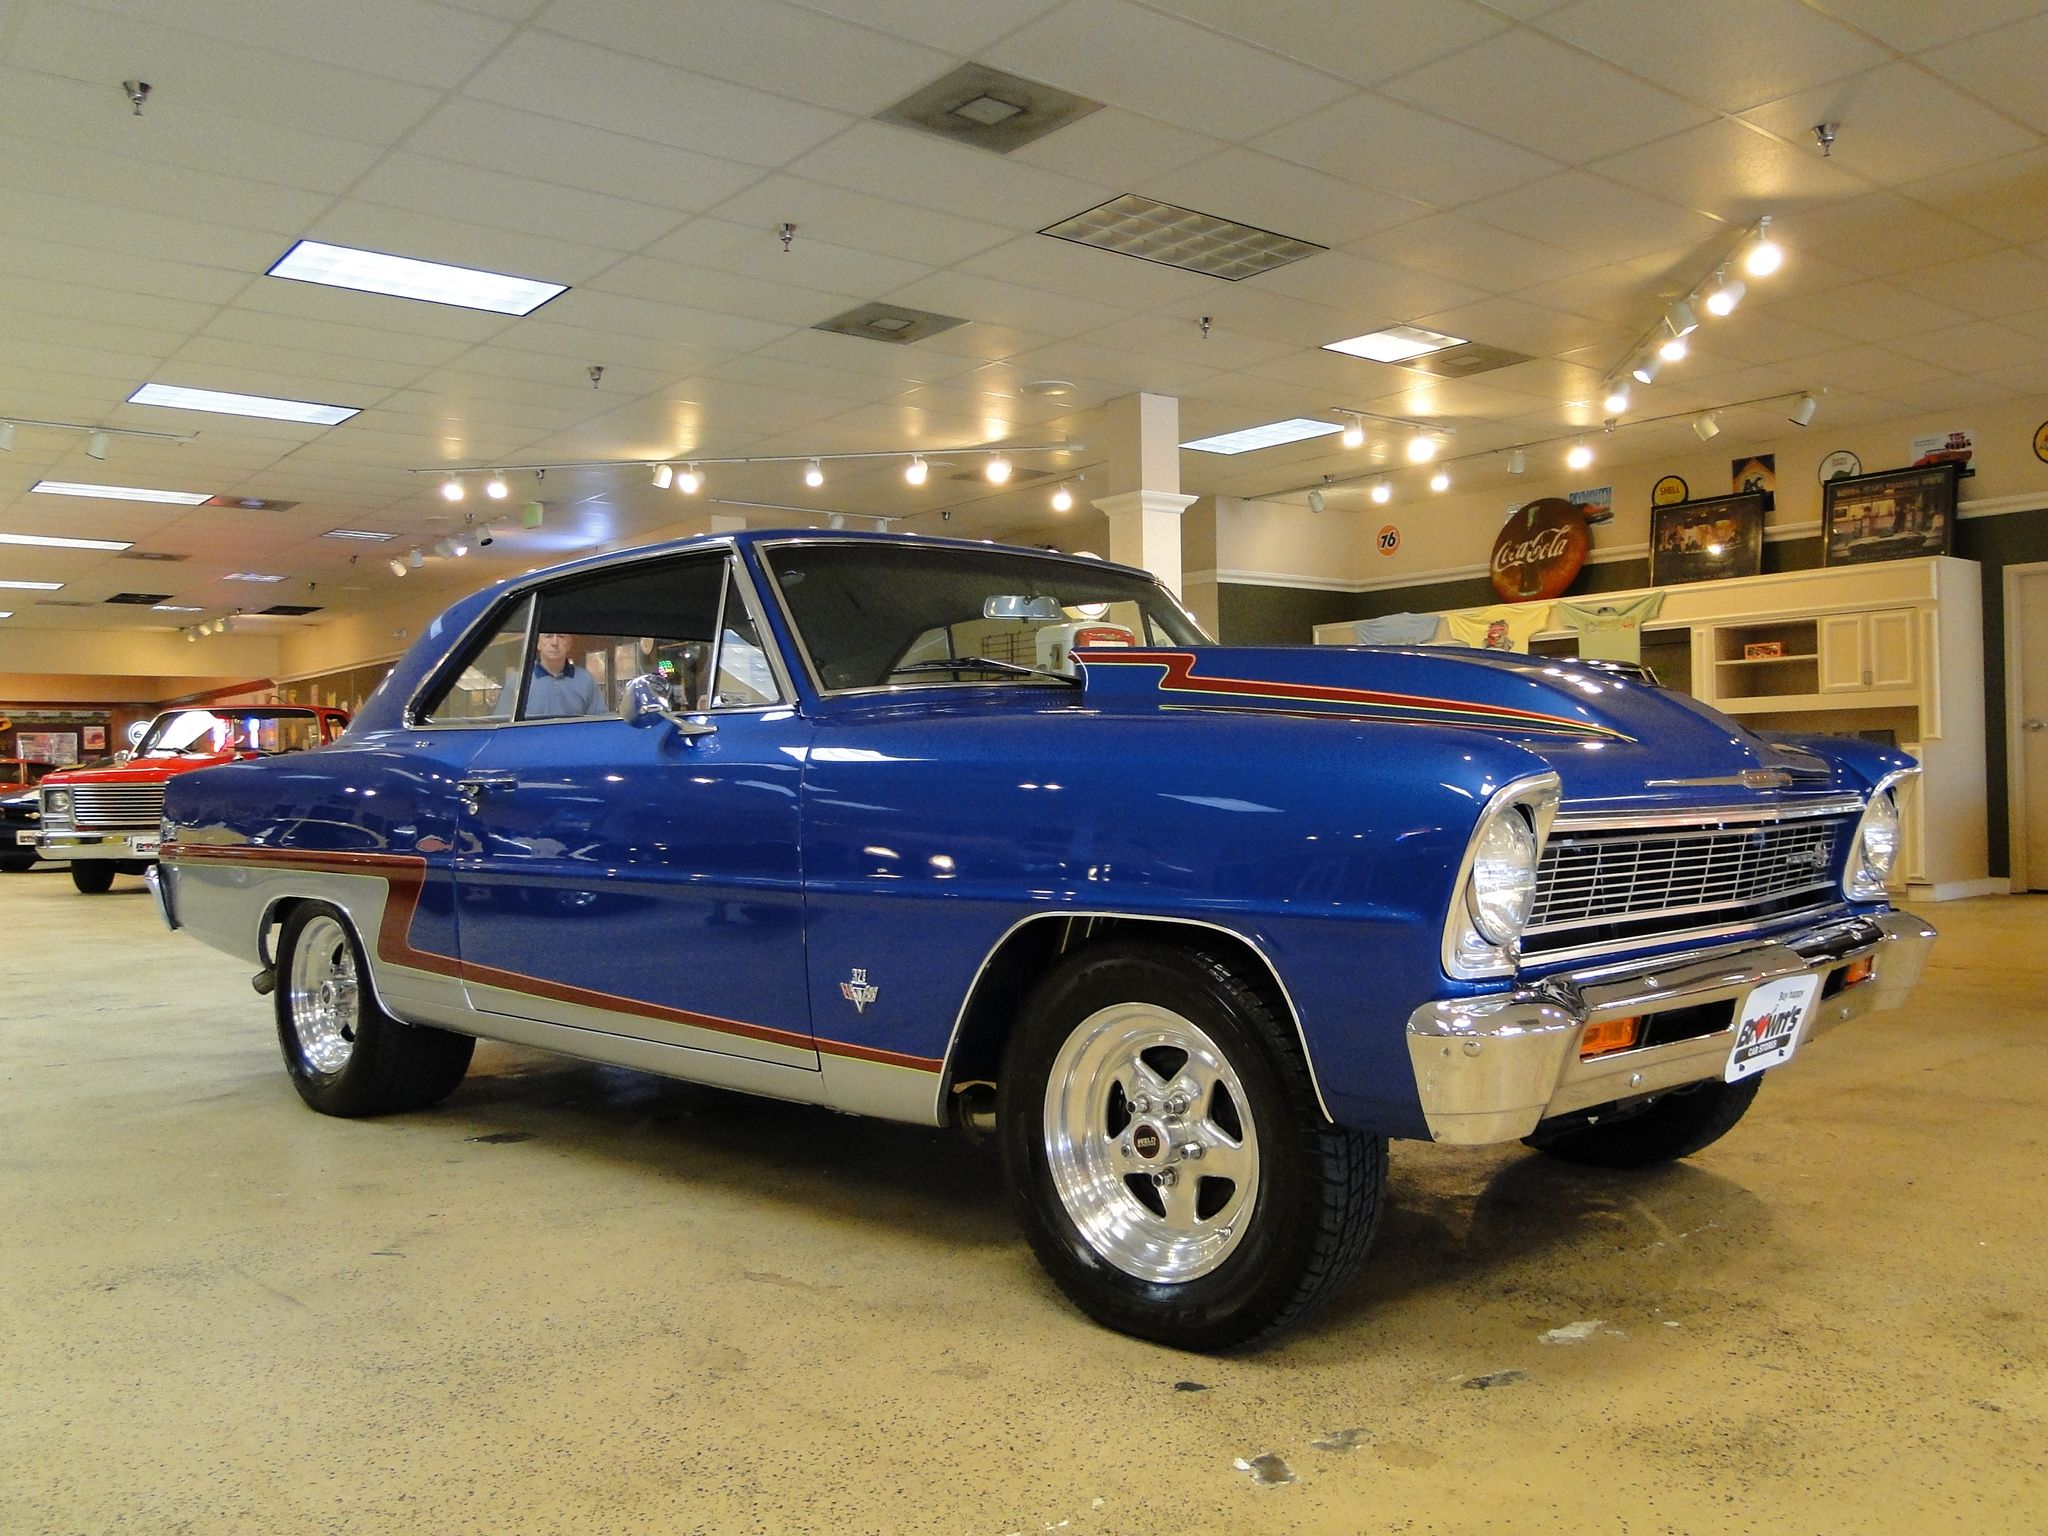 1966 Chevrolet Nova REAL Super Sport Coupe Glen Burnie MD | Classic ...